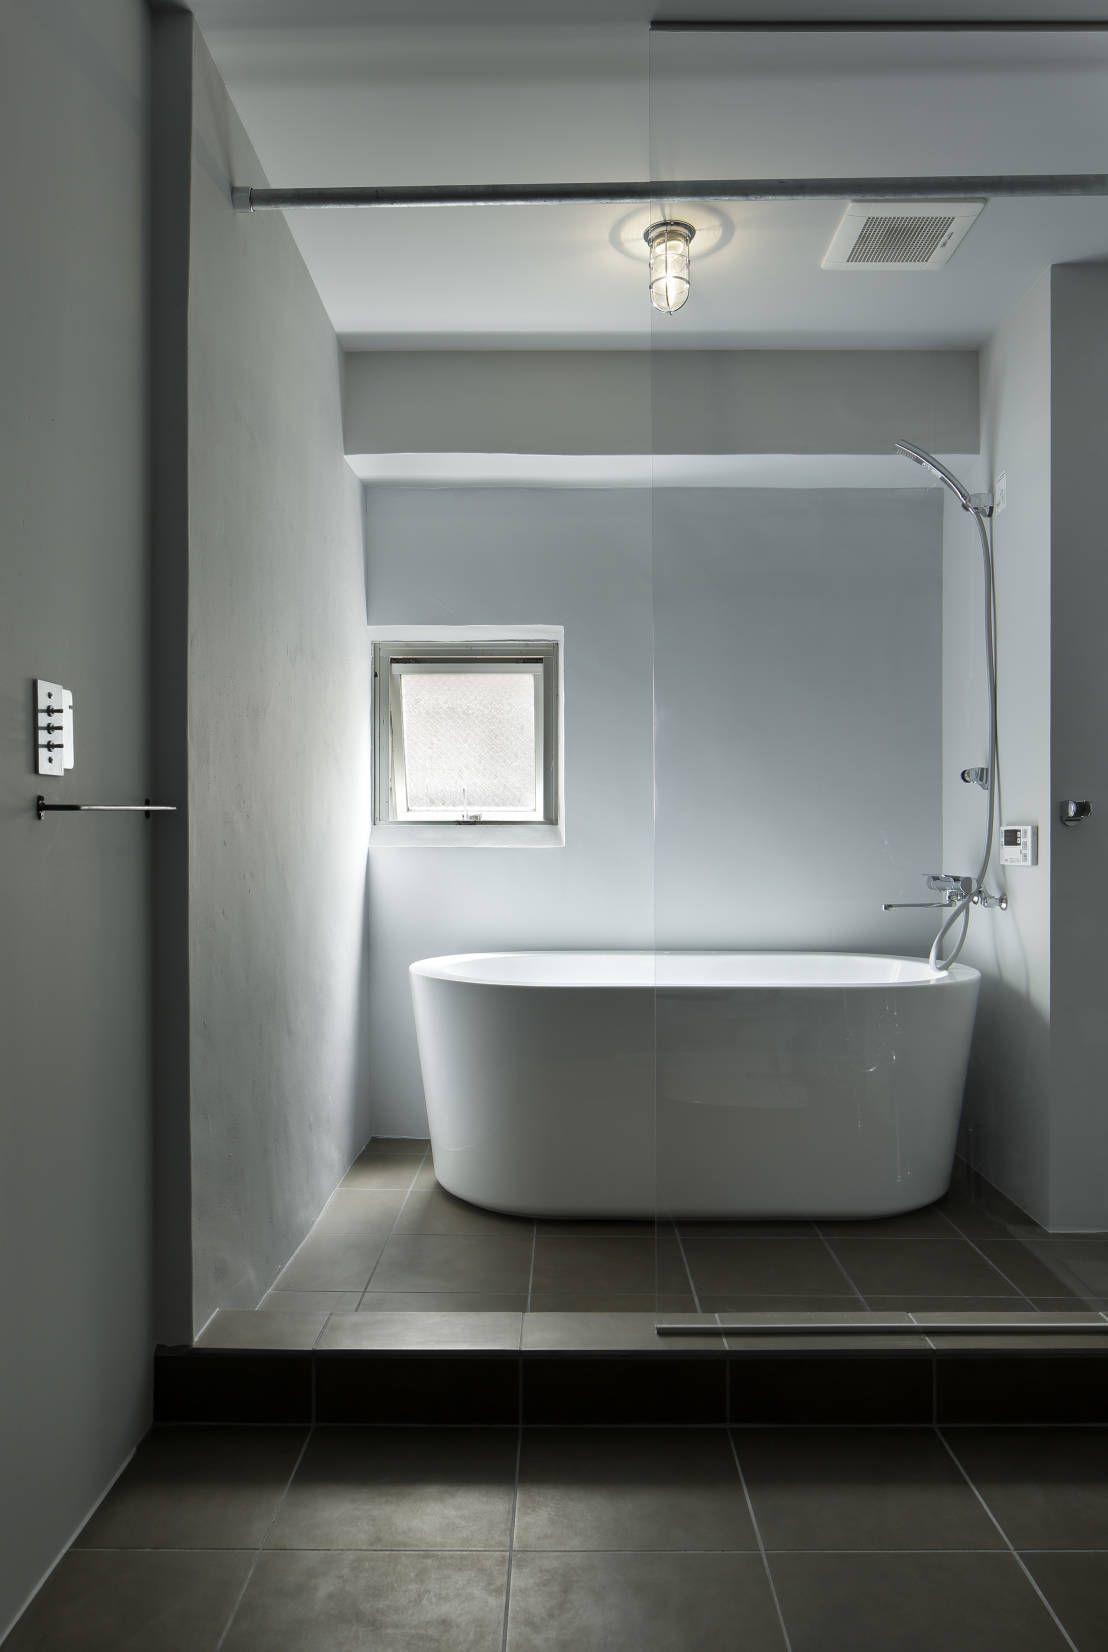 小さいお風呂を快適にする10の工夫 リノベーション 浴室 バス